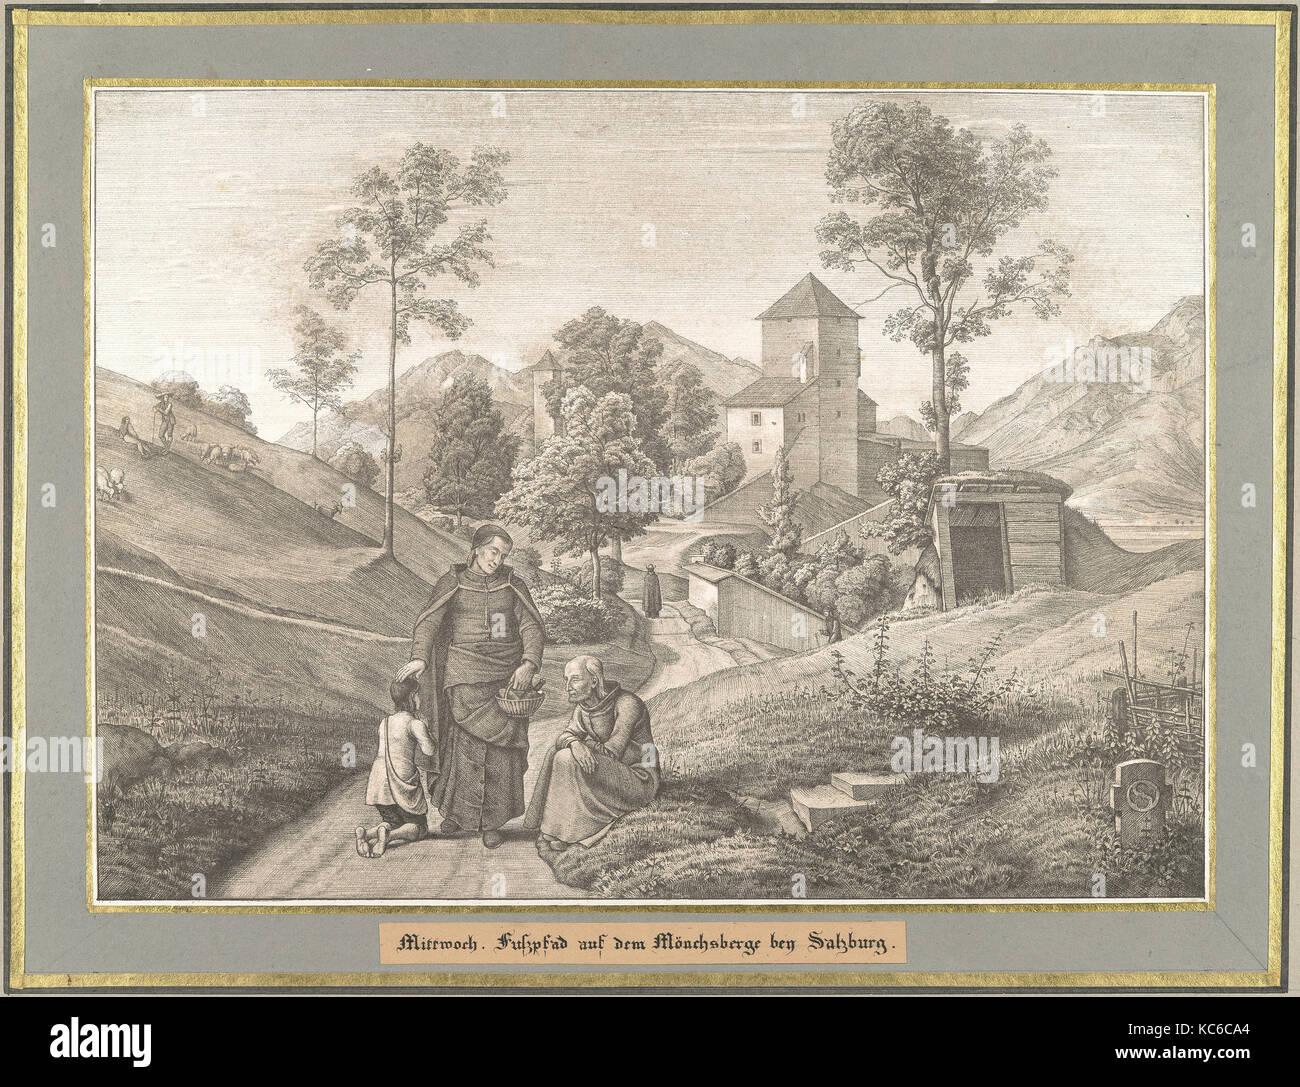 Mittwoch from Sieben Gegenden aus Salzburg und Berchtesgaden Geordnet nach den sieben Tagen der Woche - Stock Image